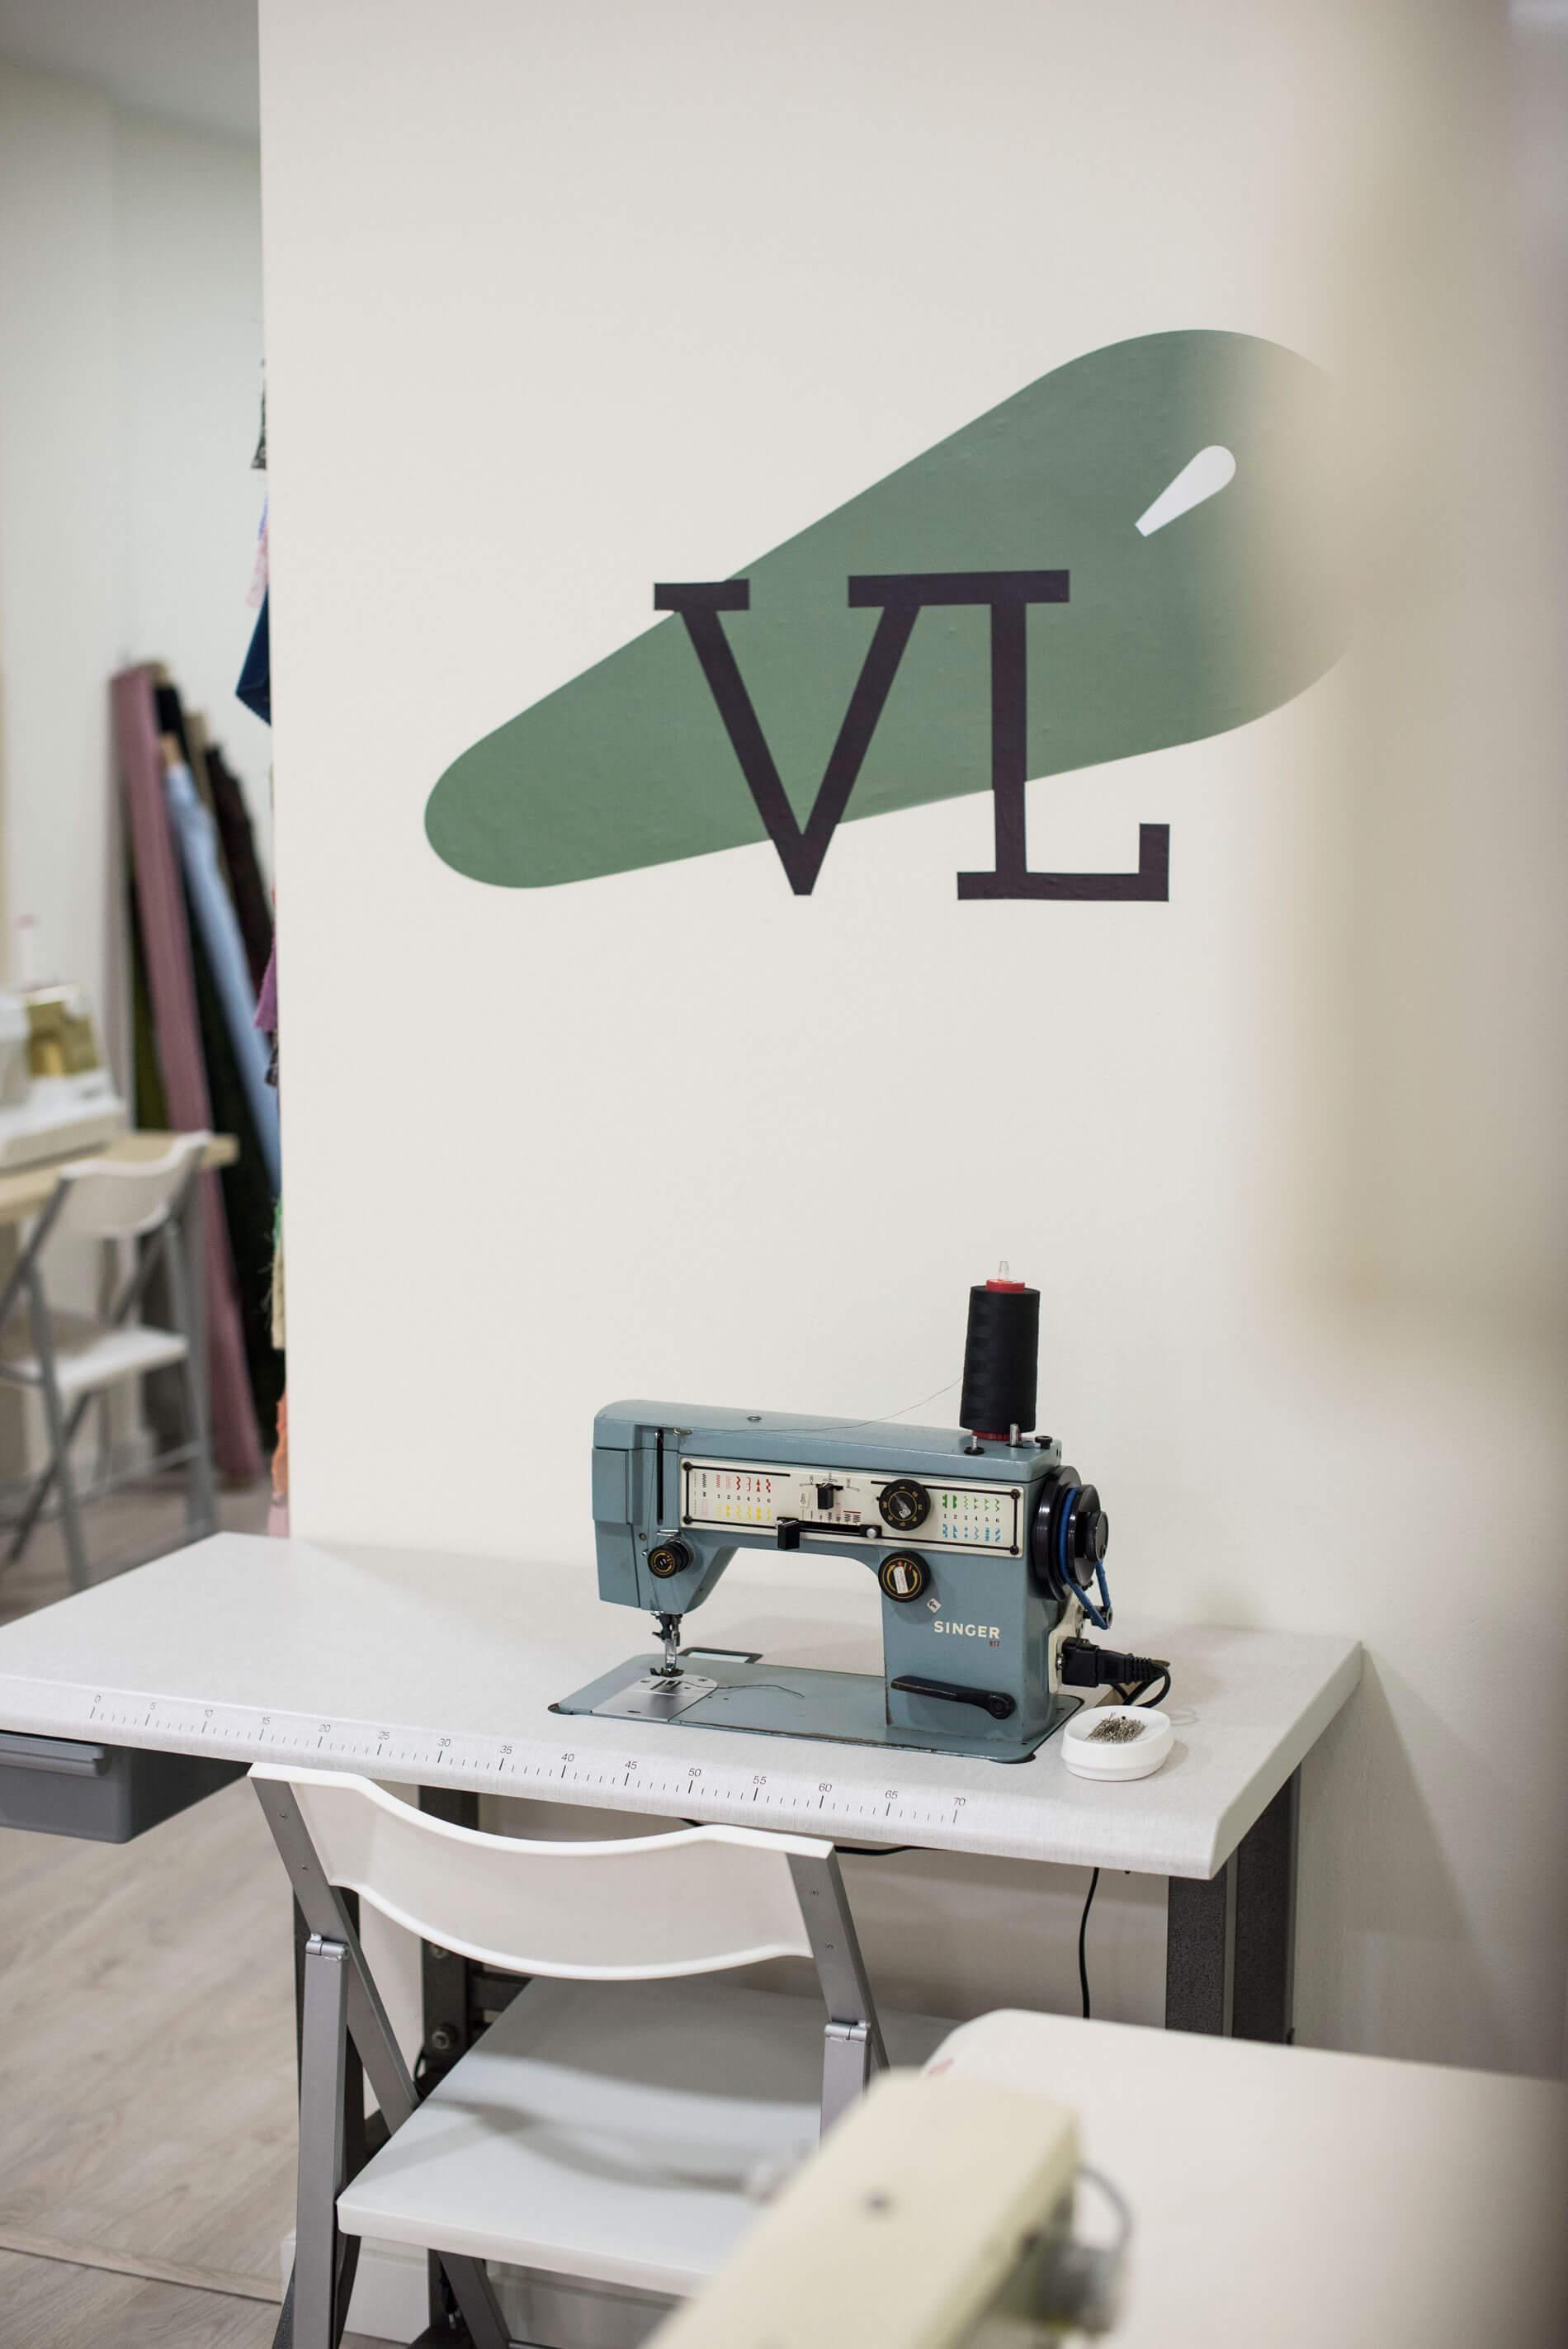 Escuela de patronaje y confección en Zaragoza Victoria López